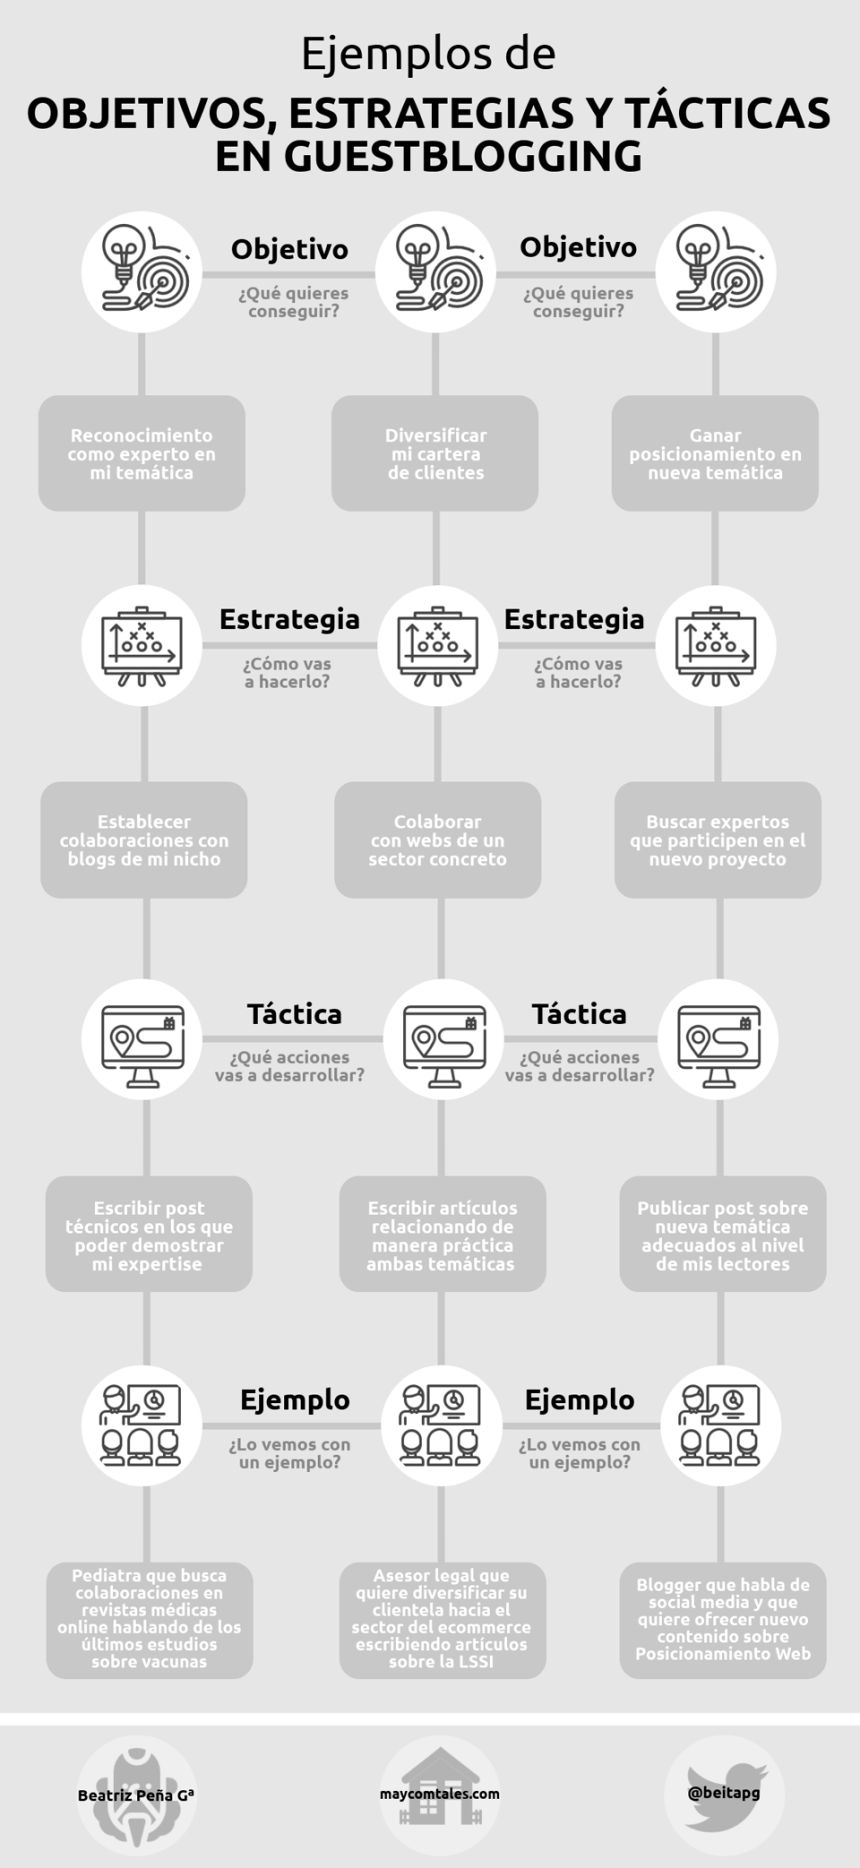 Guestblogging: objetivos, estrategias y tácticas